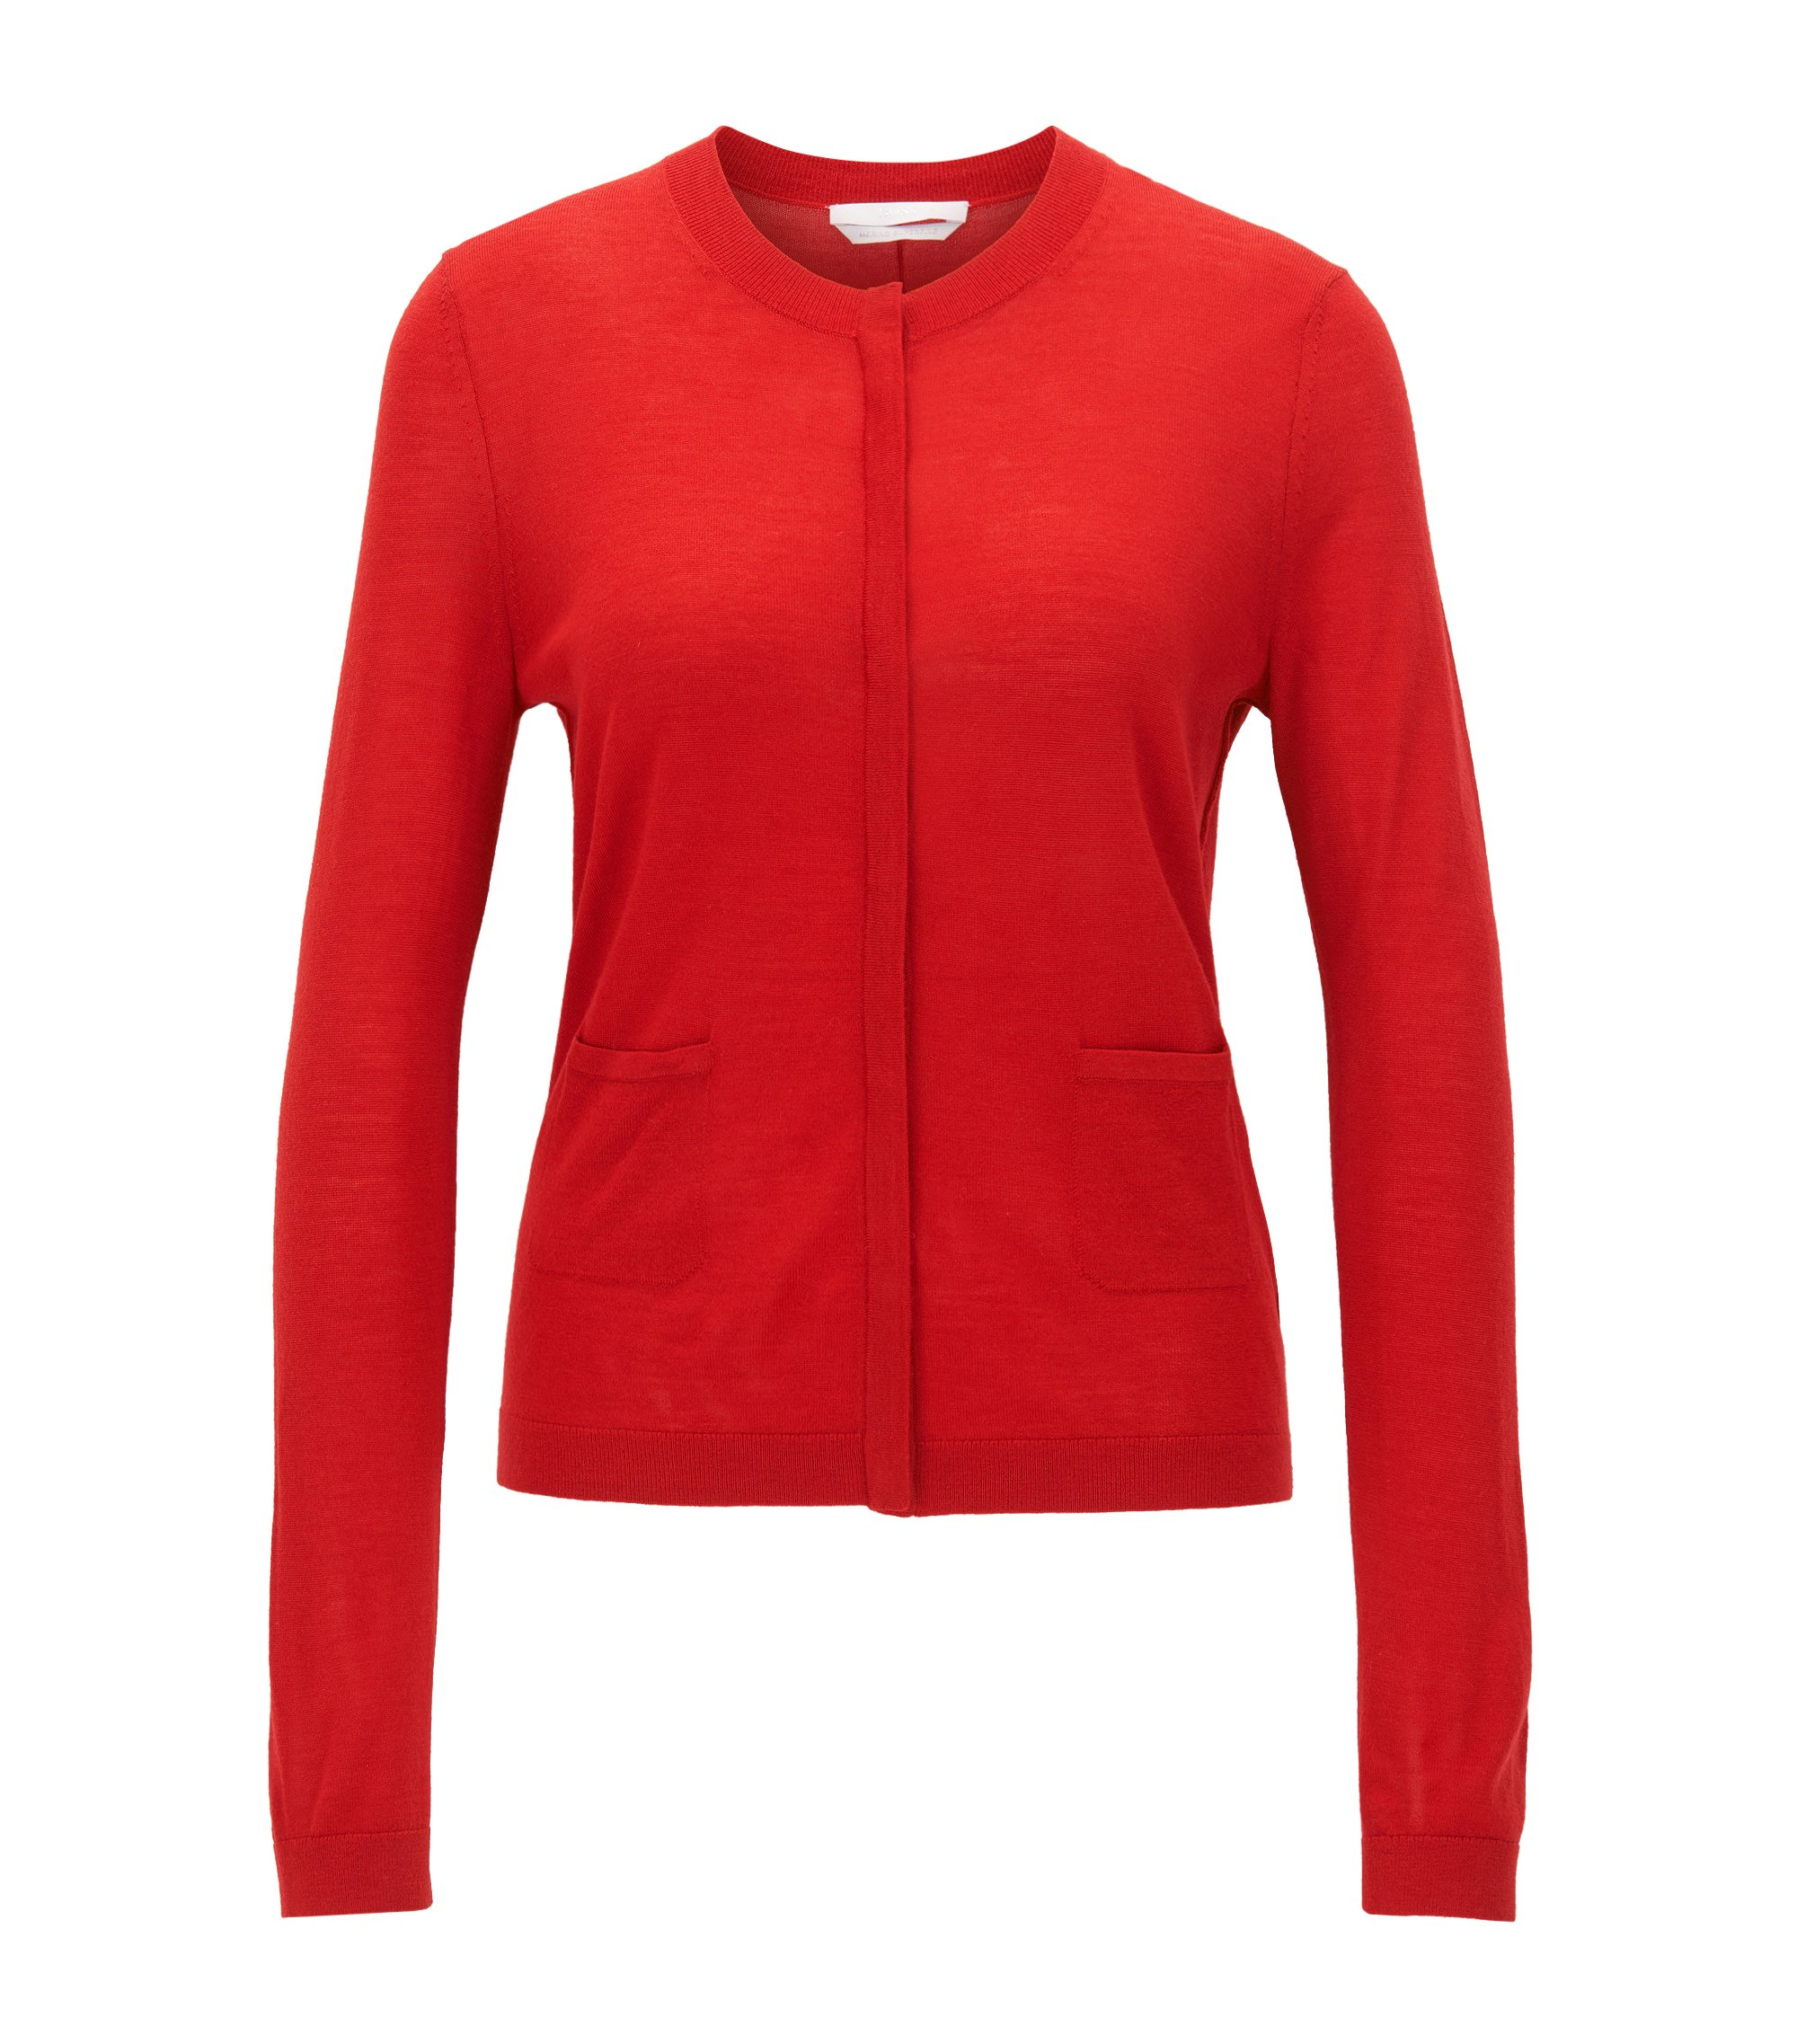 Virgin Wool Cardigan | Fuyuma, Red